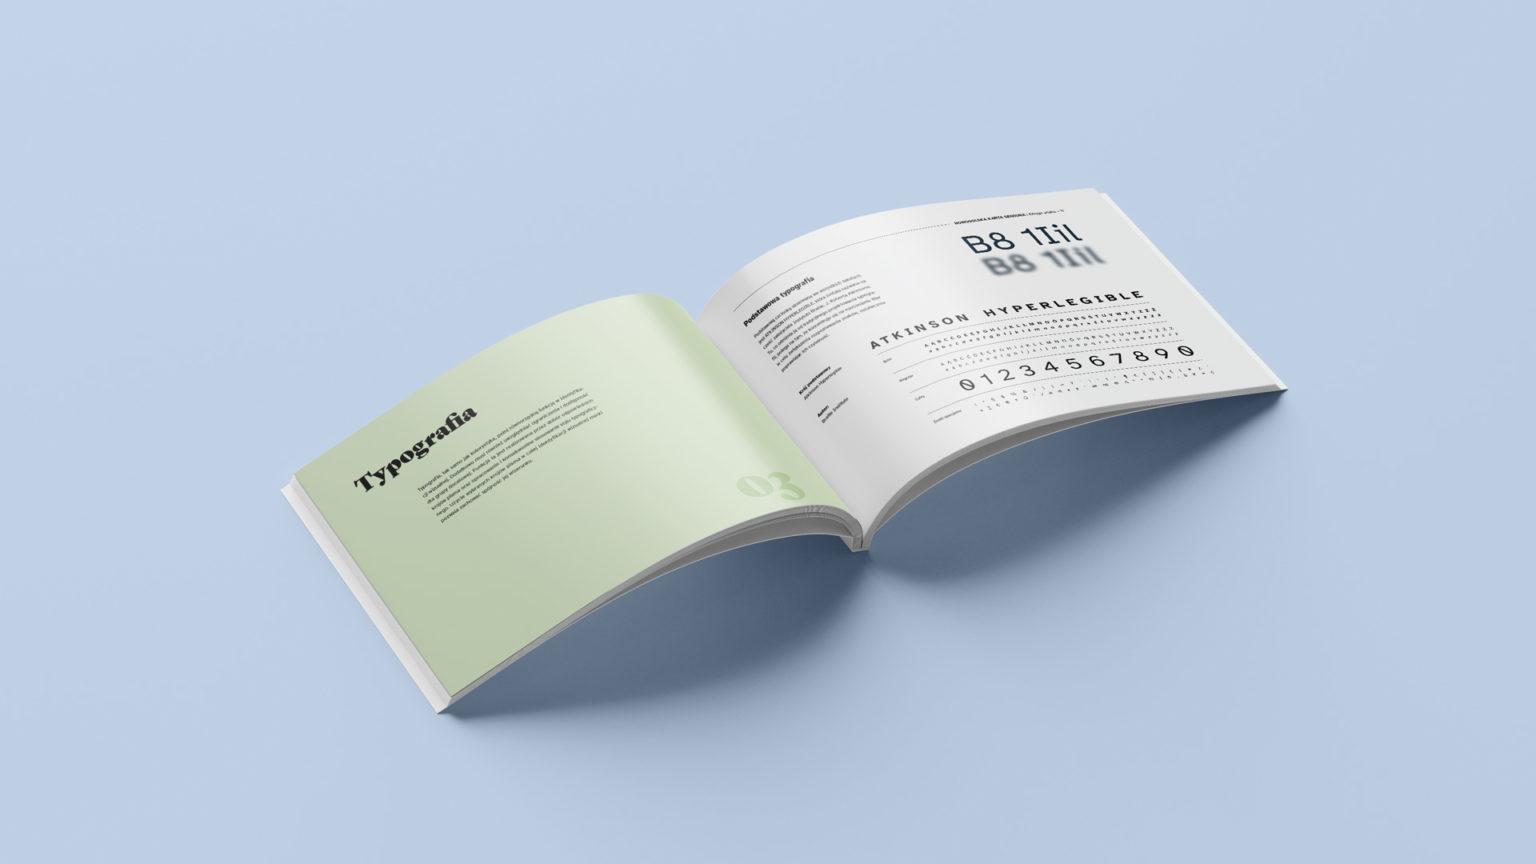 NKS brandbook